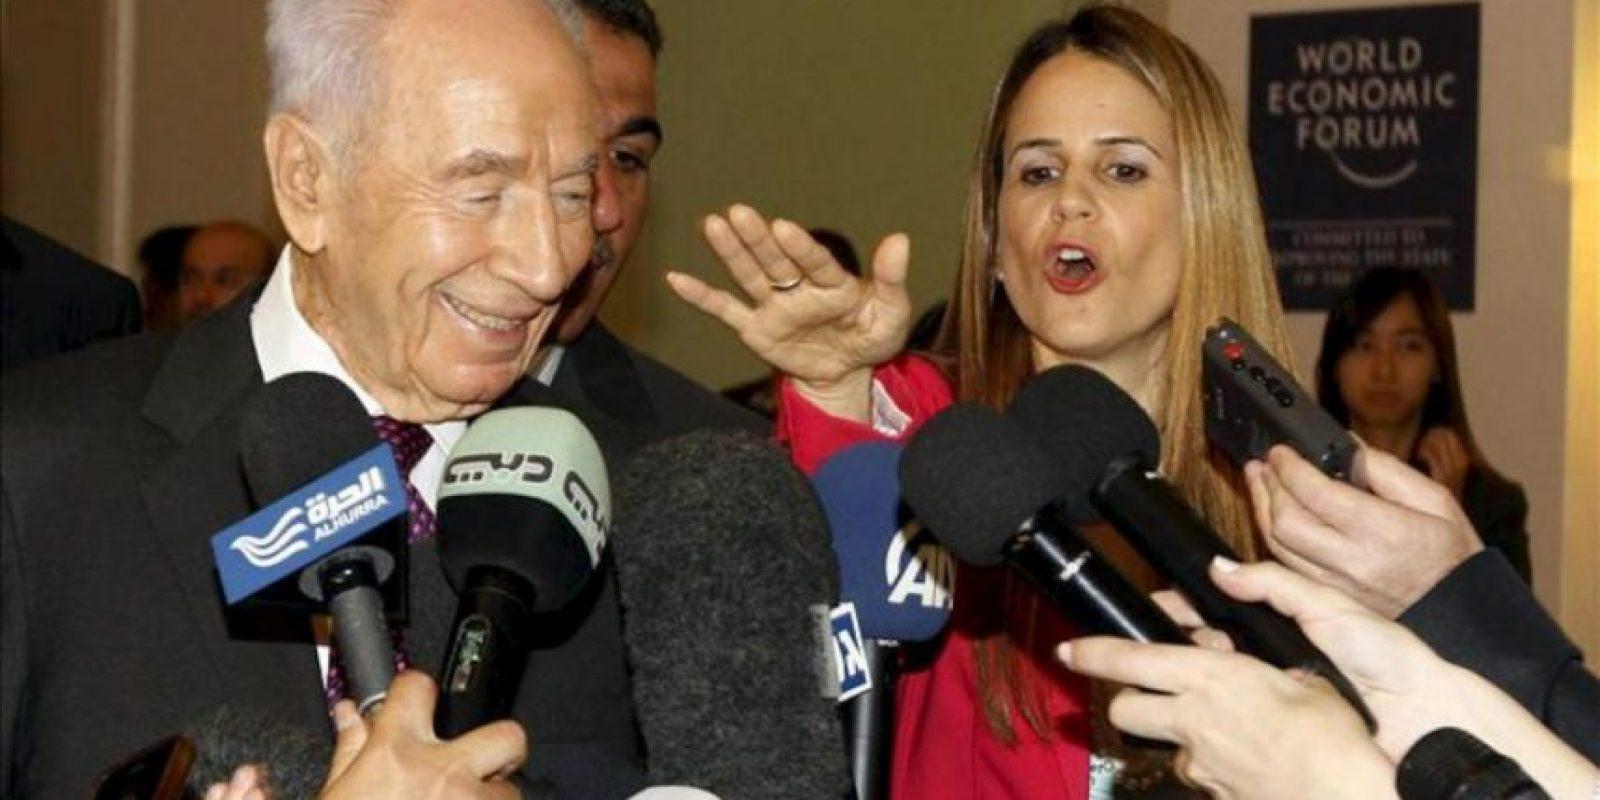 El presidente israelí Simónn Peres (izq) habla con los periodistas a su llegada al Foro Económico Mundial, que se celebra en la orilla jordana del Mar Muerto. EFE